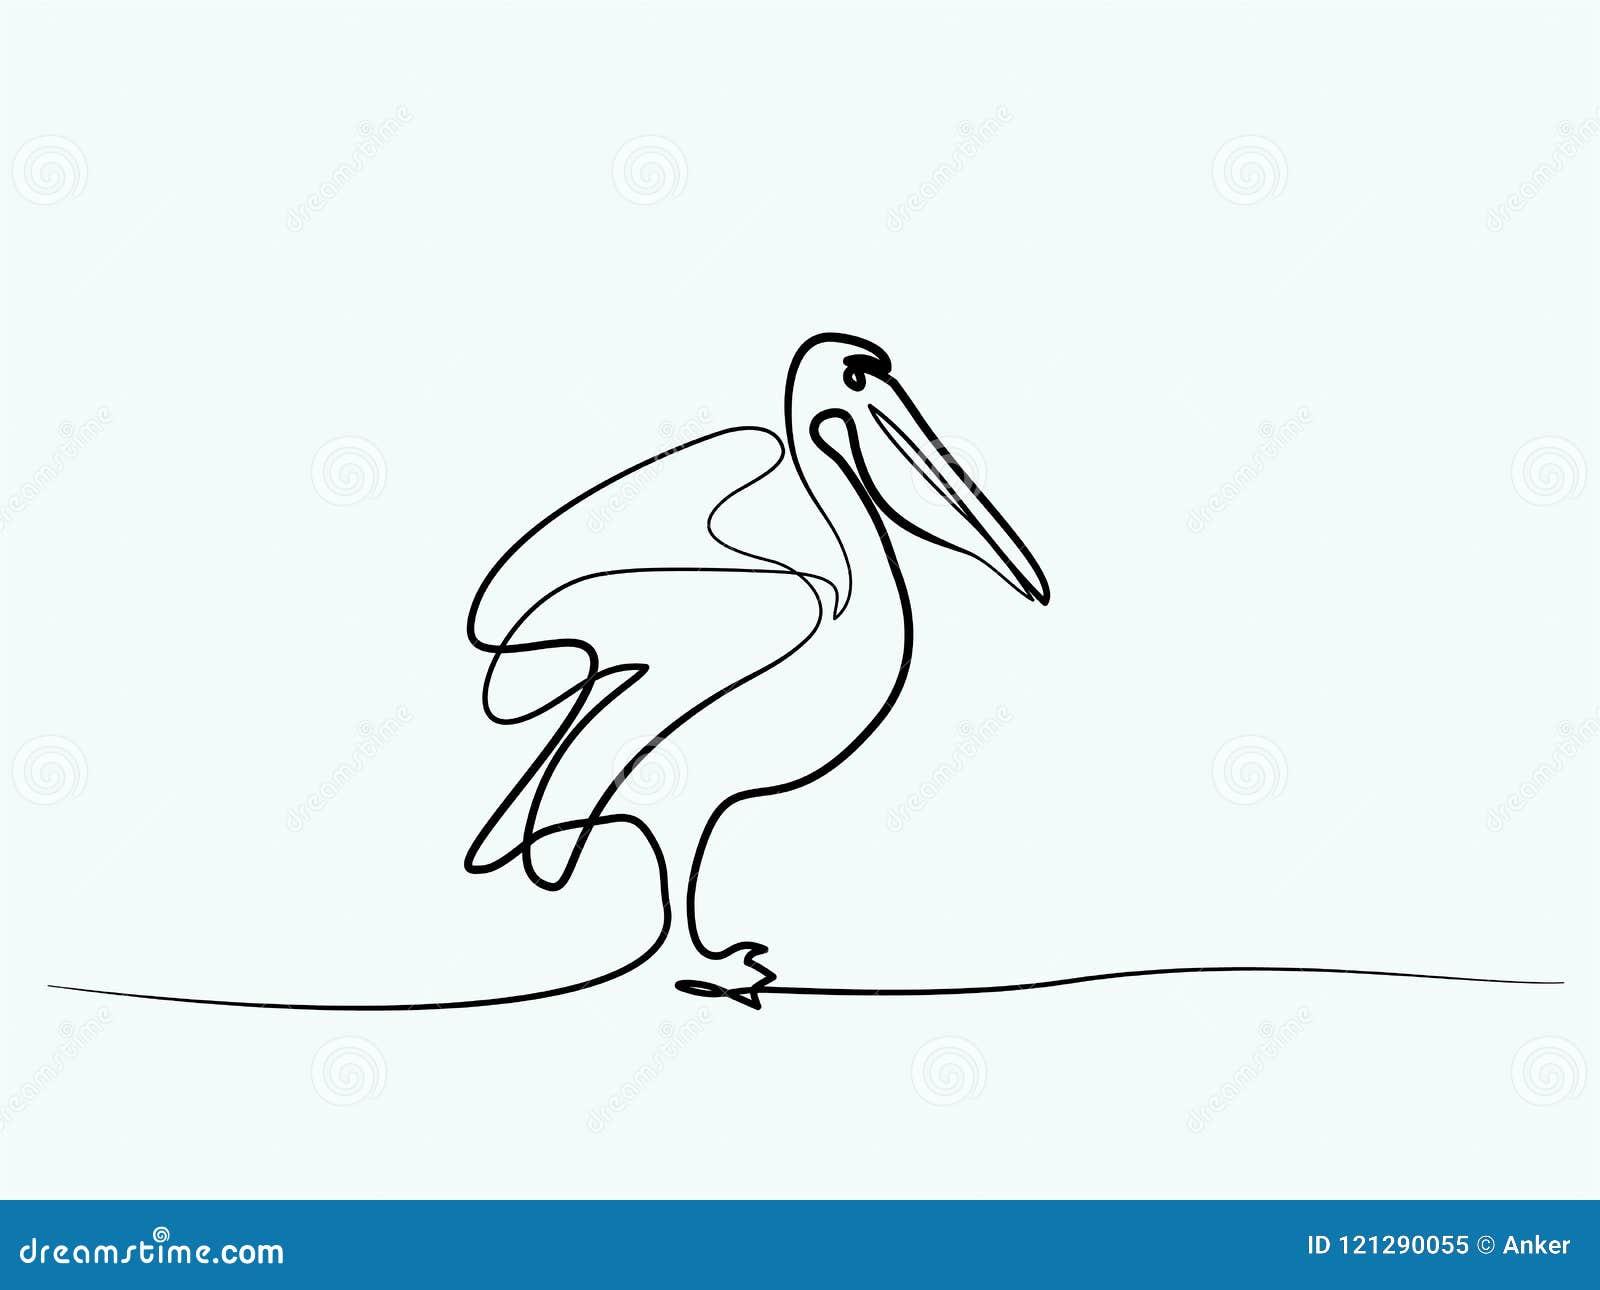 Símbolo minimalista do pelicano